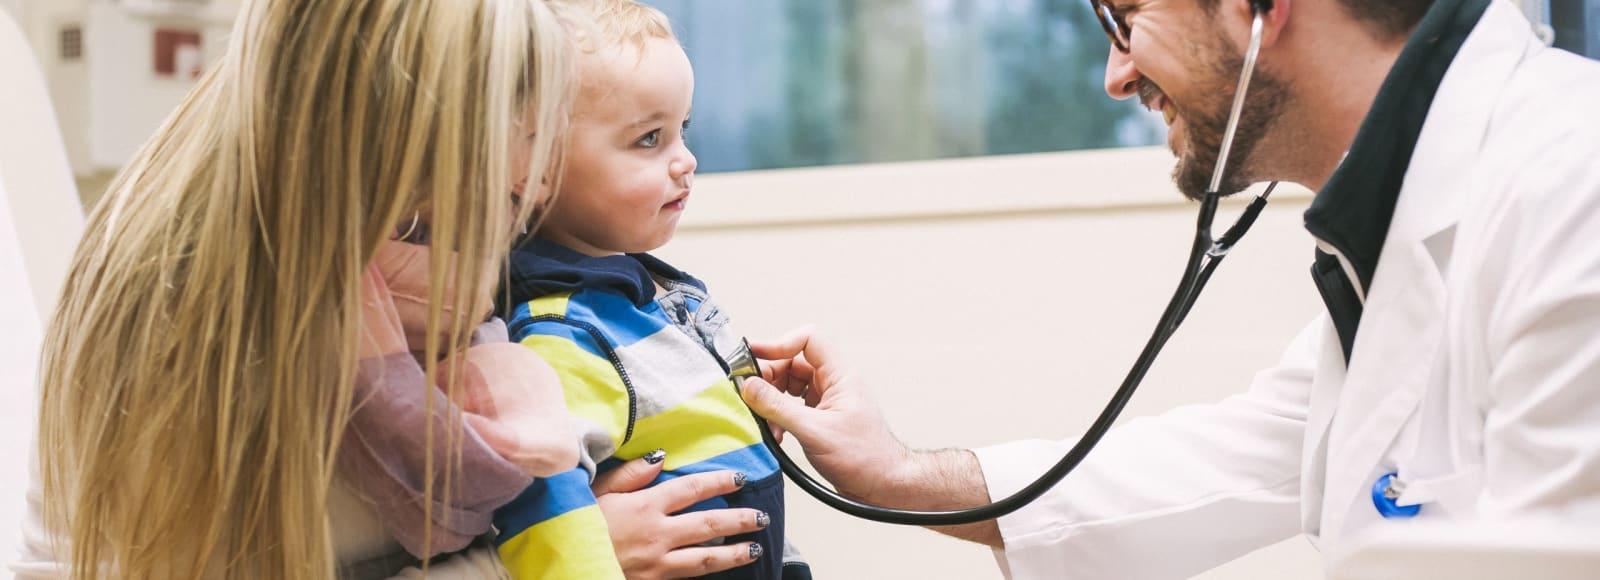 East Pierce Family Medicine residency program.